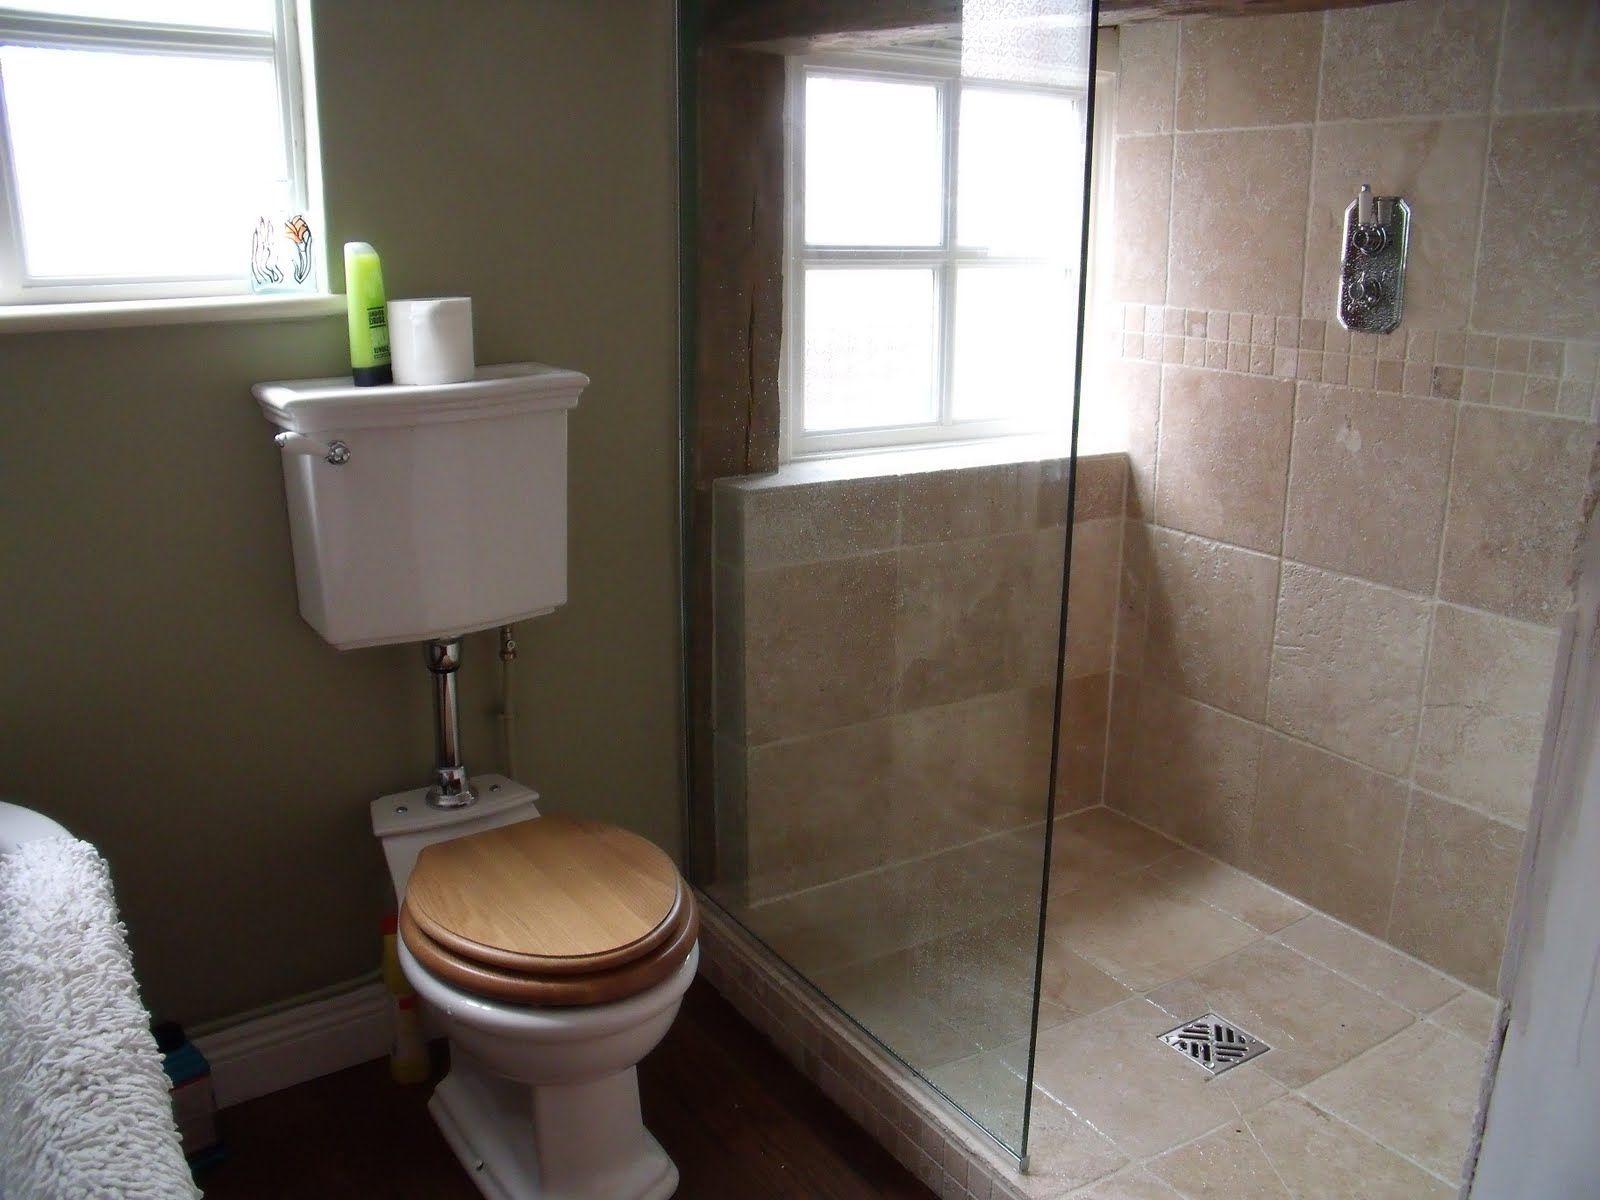 Splendid Bathroom Design Ideas Philippines Small Bathroom Design Ideas On A Budget Small Bathroom Re Bathroom Layout Small Bathroom Renovations Simple Bathroom